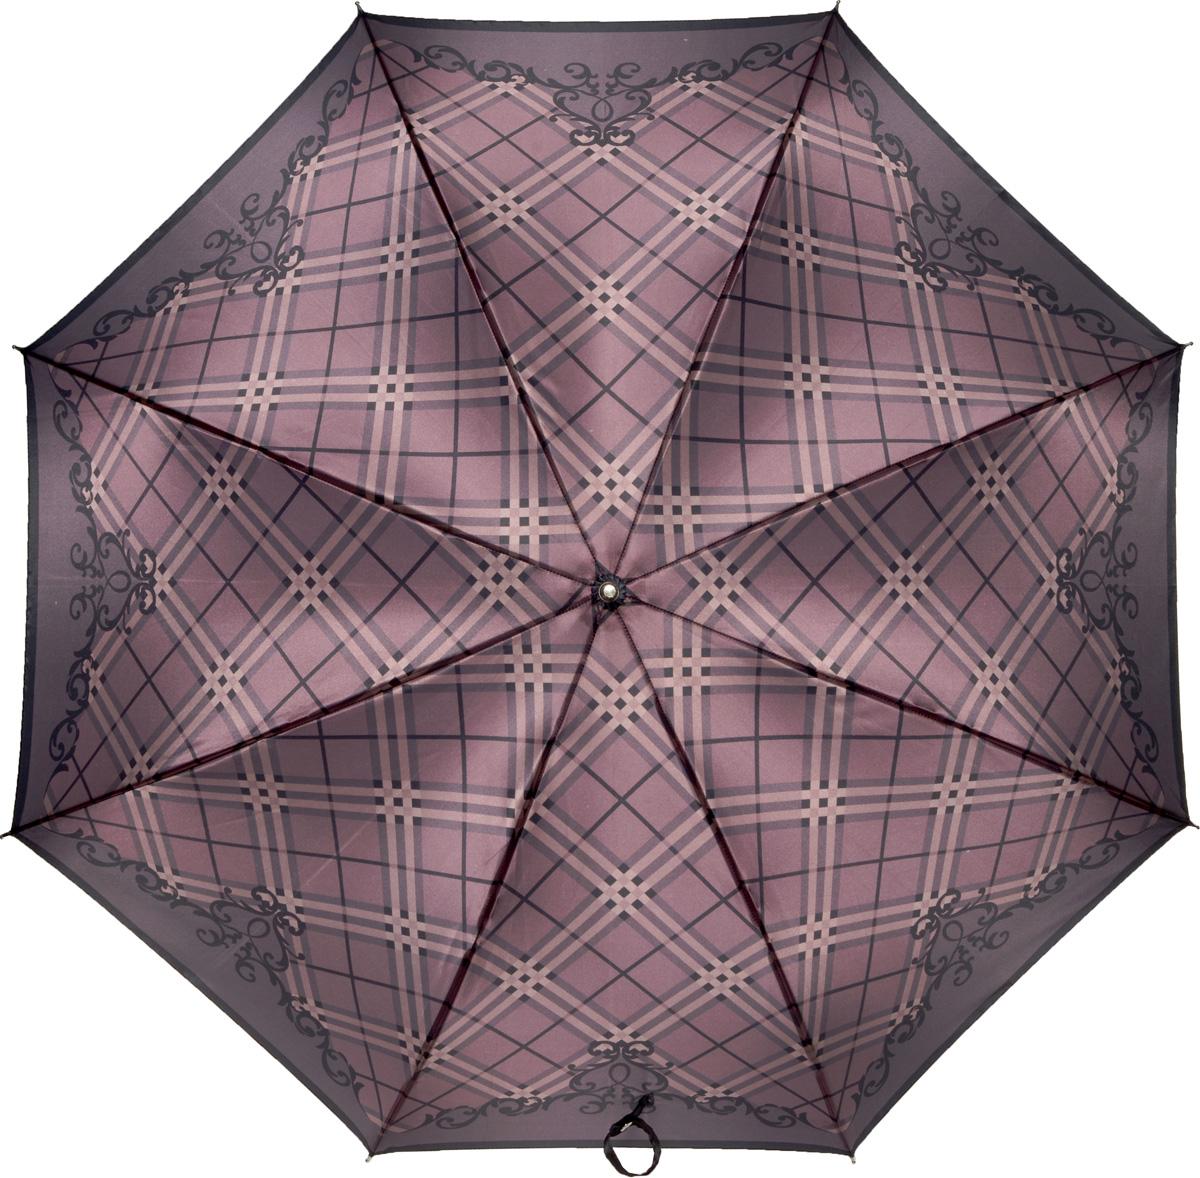 Зонт-трость женский Fabretti, механика, цвет: фиолетовый. 16021602Женский зонт-трость от итальянского бренда Fabretti. Конструкция модели - механика. Эксклюзивный дизайнерский принт зонта сделает вас неотразимыми в любую непогоду! Материал купола - полиэстер. Он невероятно изящен, приятен на ощупь, обладает высокой прочностью, а также устойчив к выцветанию. Эргономичная ручка сделана из высококачественного пластика!